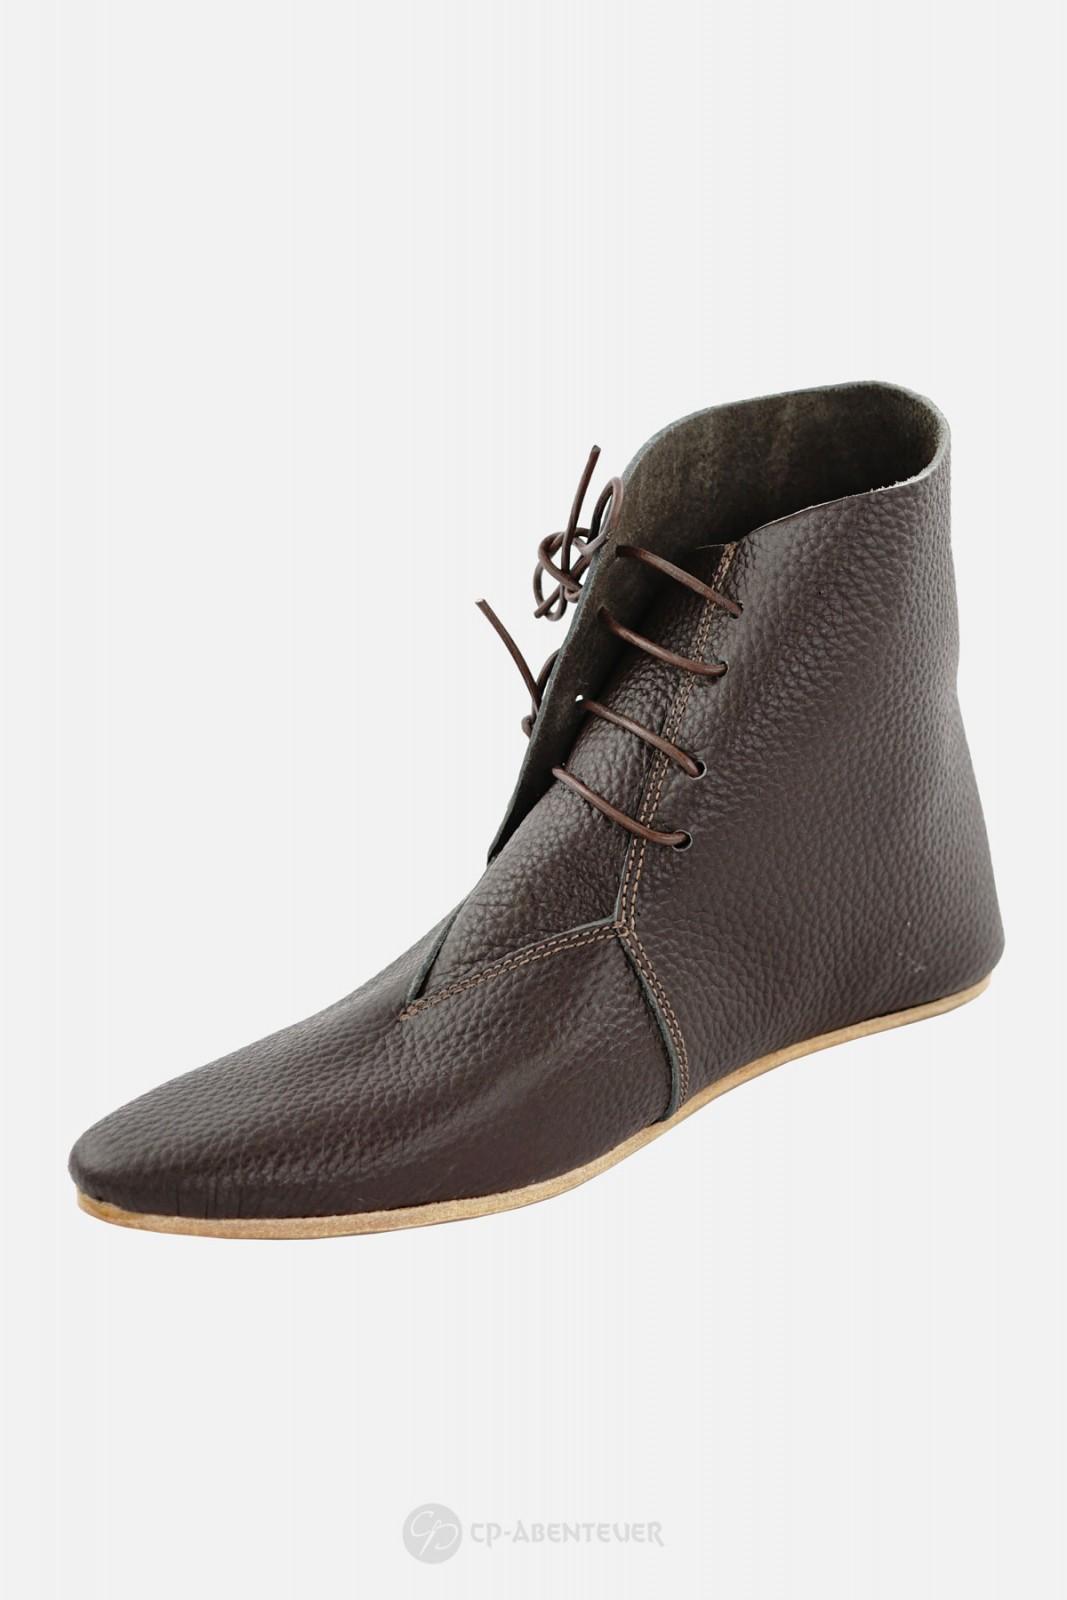 Hinnerk - Schuhe